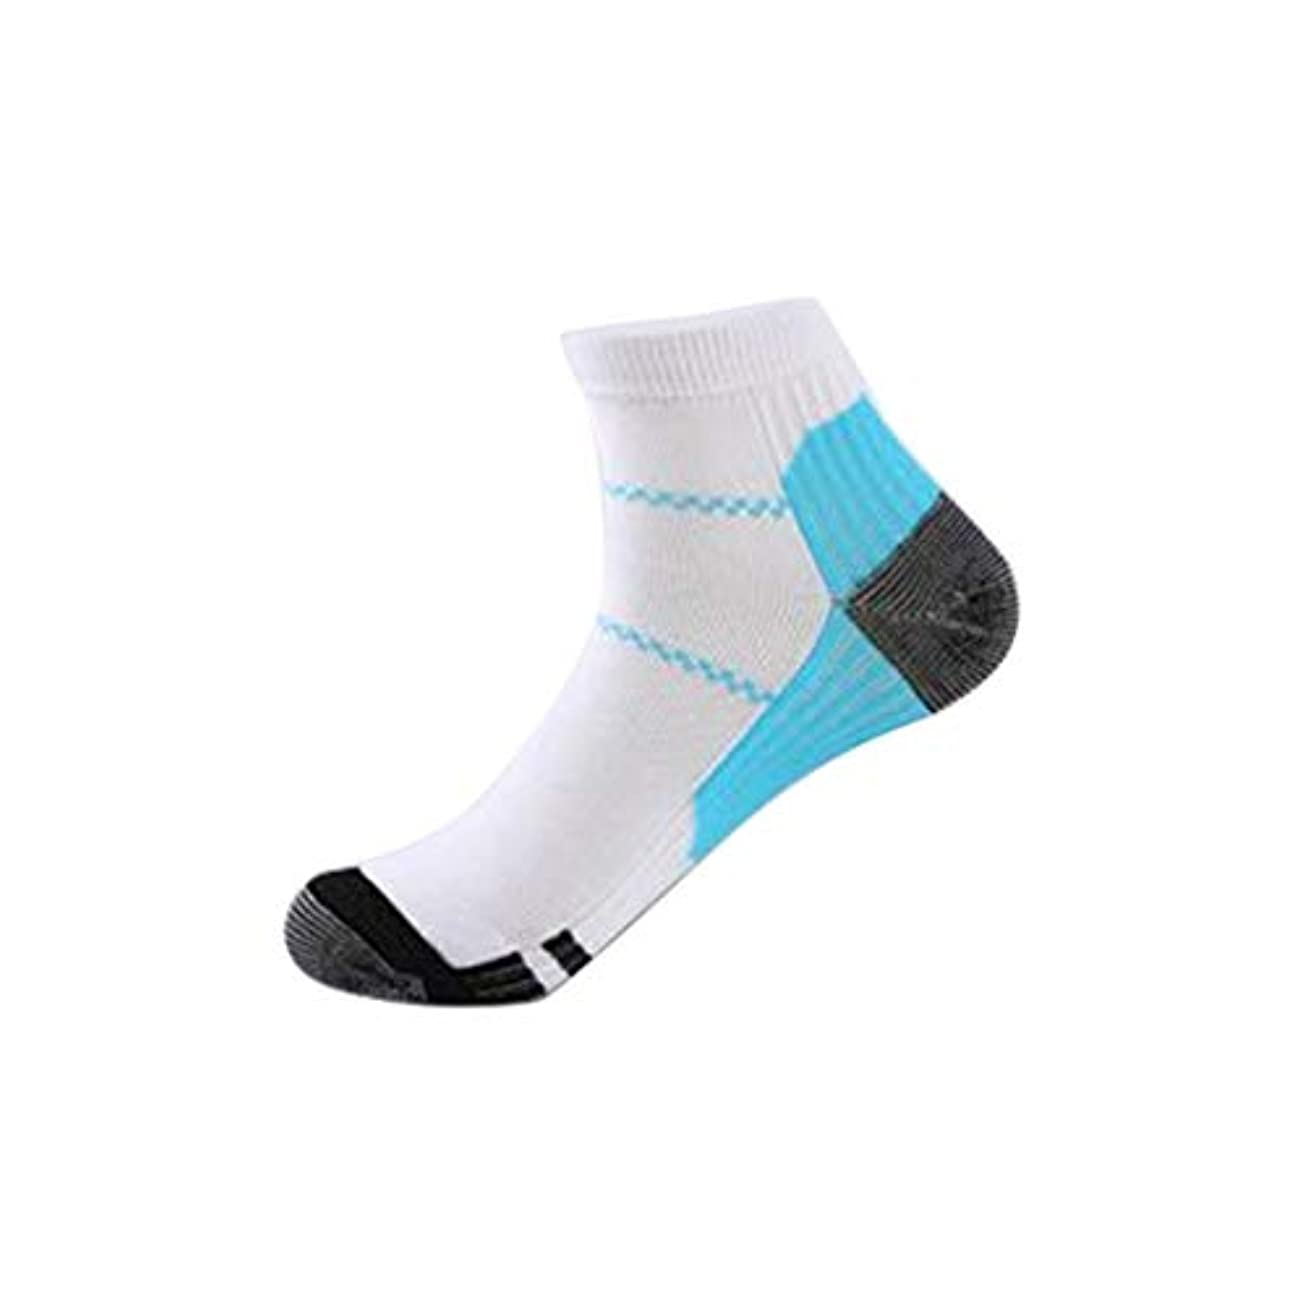 道路スポーツマンレーザ快適な男性女性ファッション短いストレッチ圧縮靴下膝ソックスサポートストレッチ通気性ソックス - ホワイト&ブルーS/M